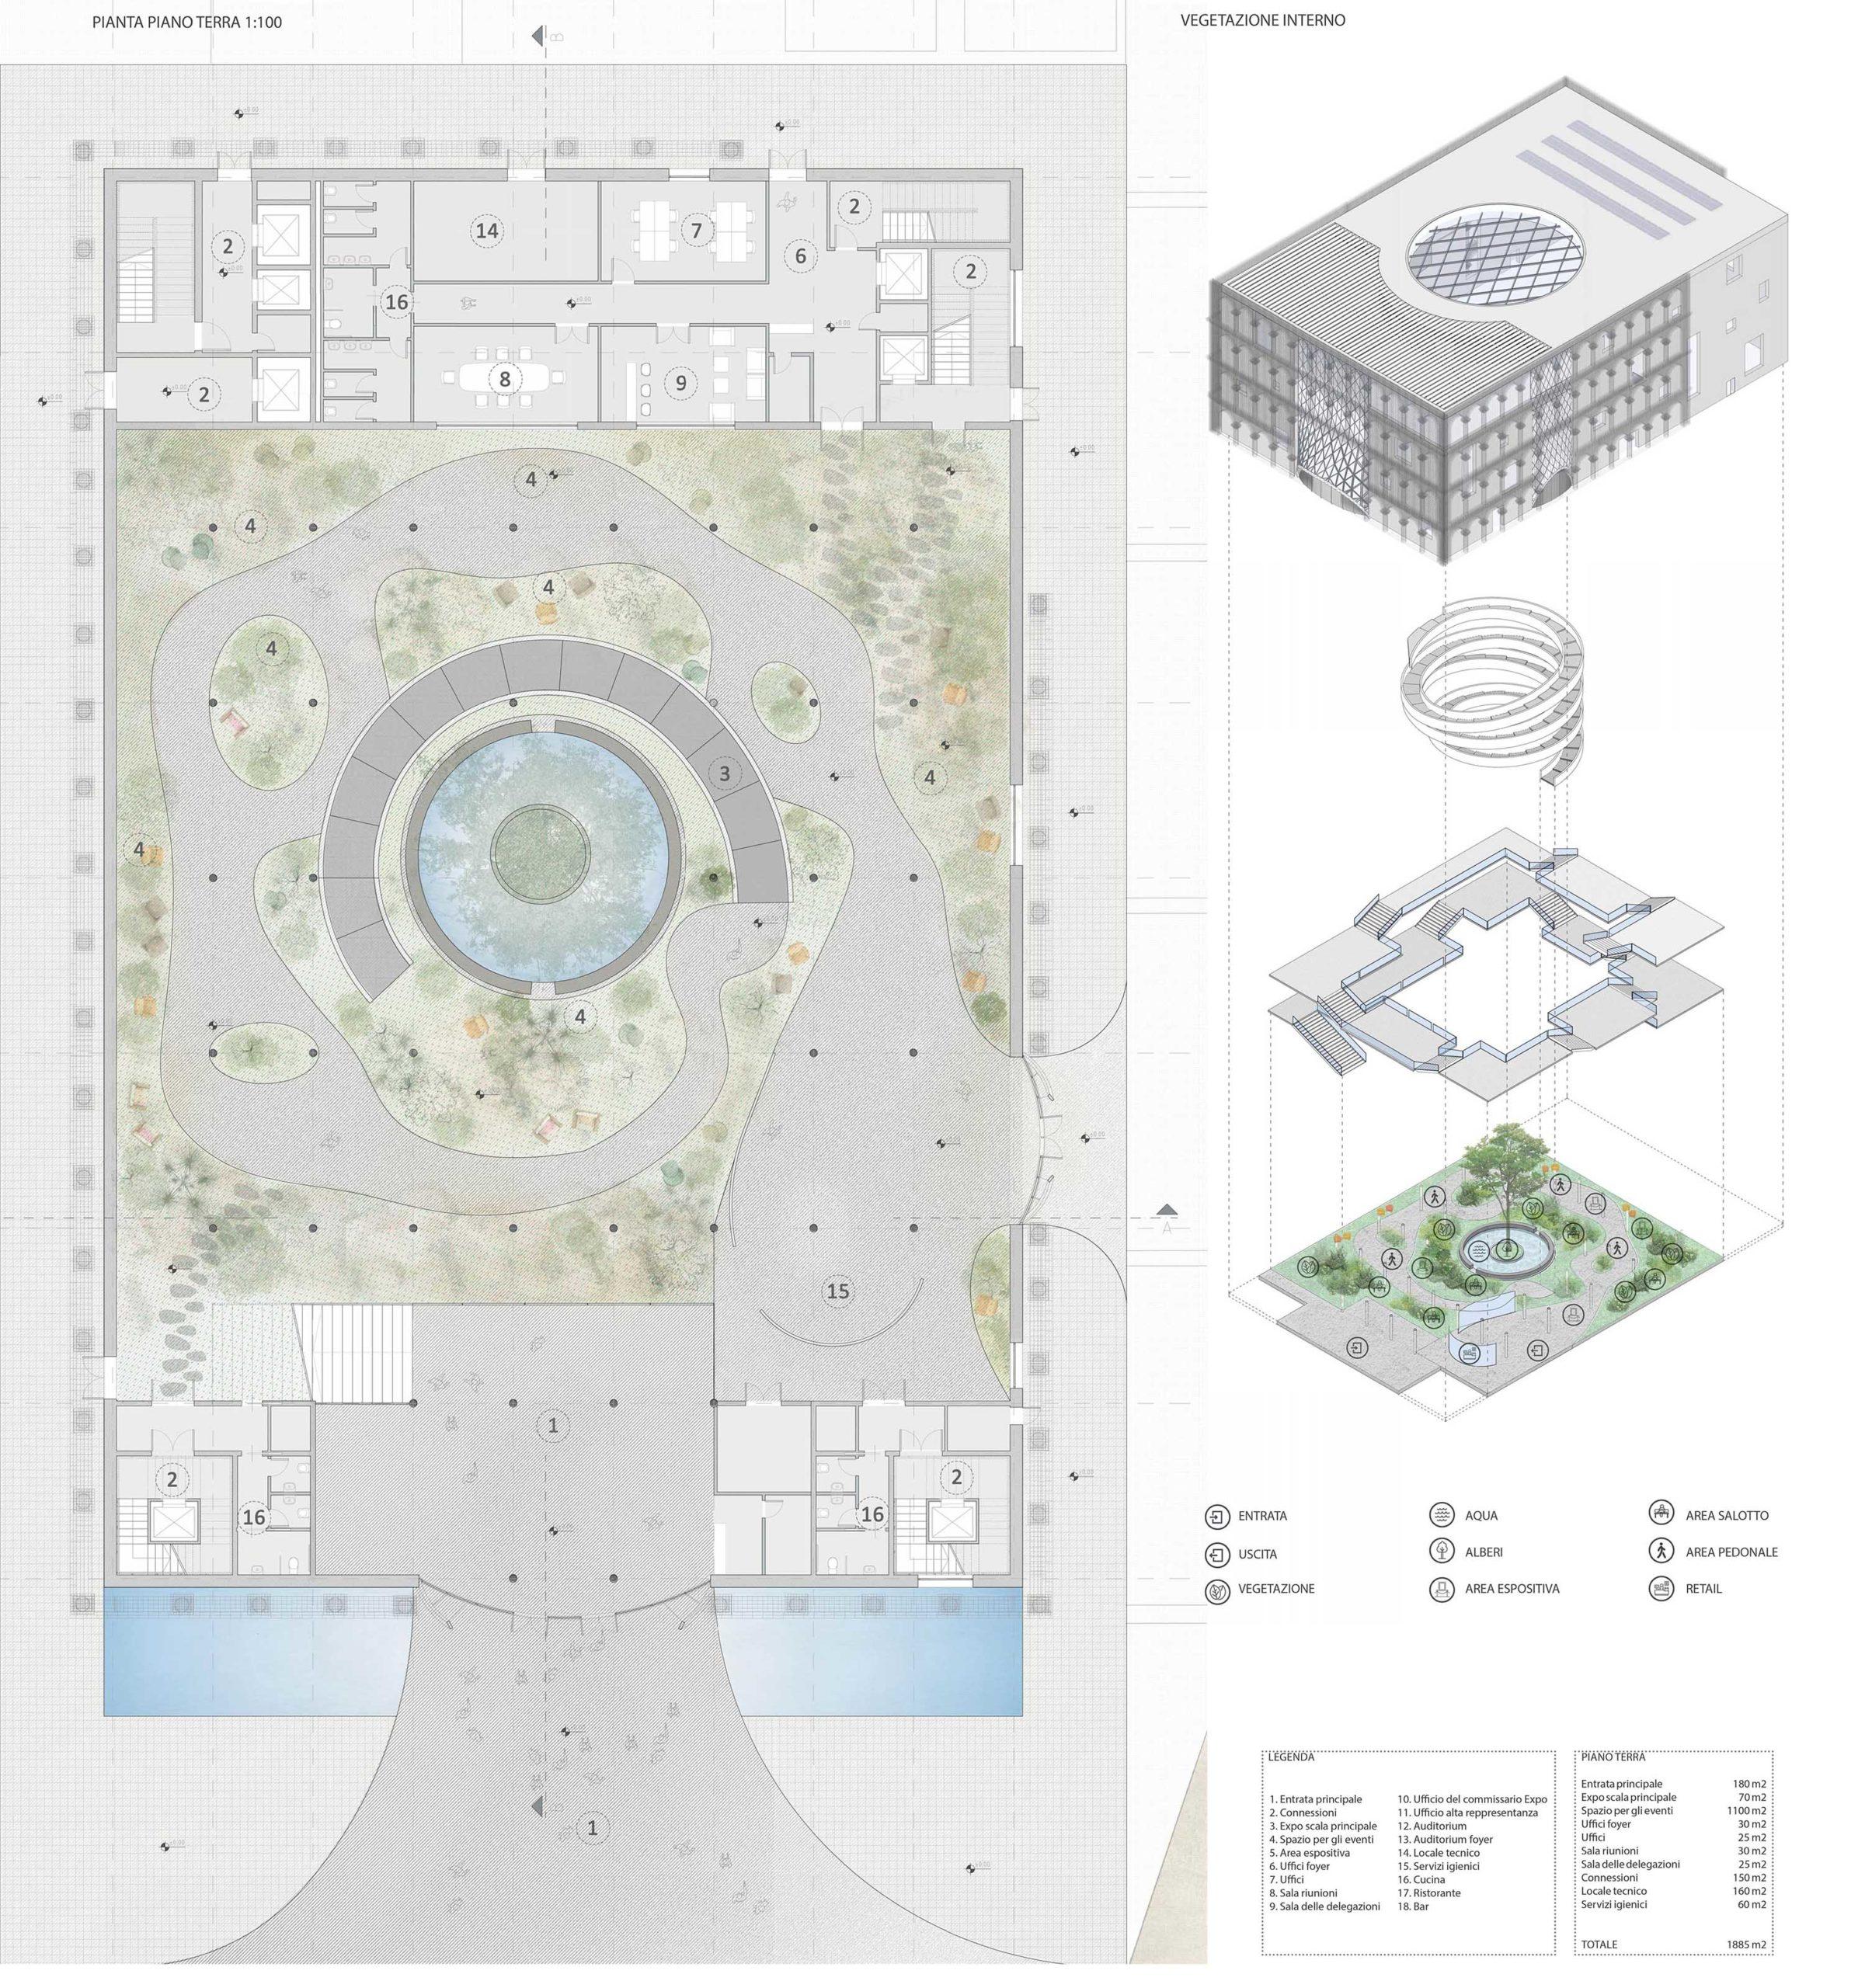 Progetto padiglione italia expo 2020